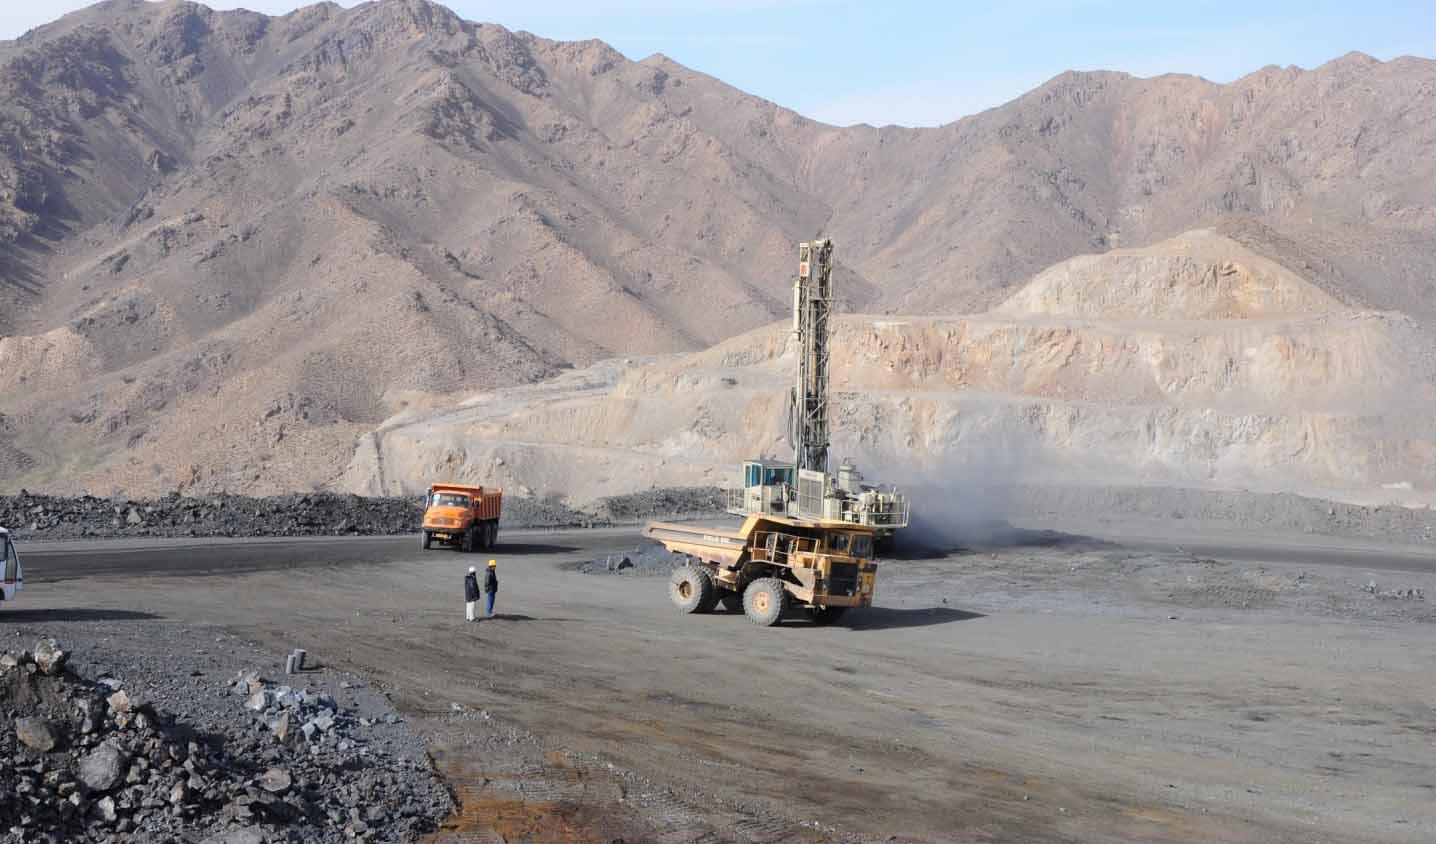 چرا سرمایهگذاران از معادن سنگآهن فراری هستند؟